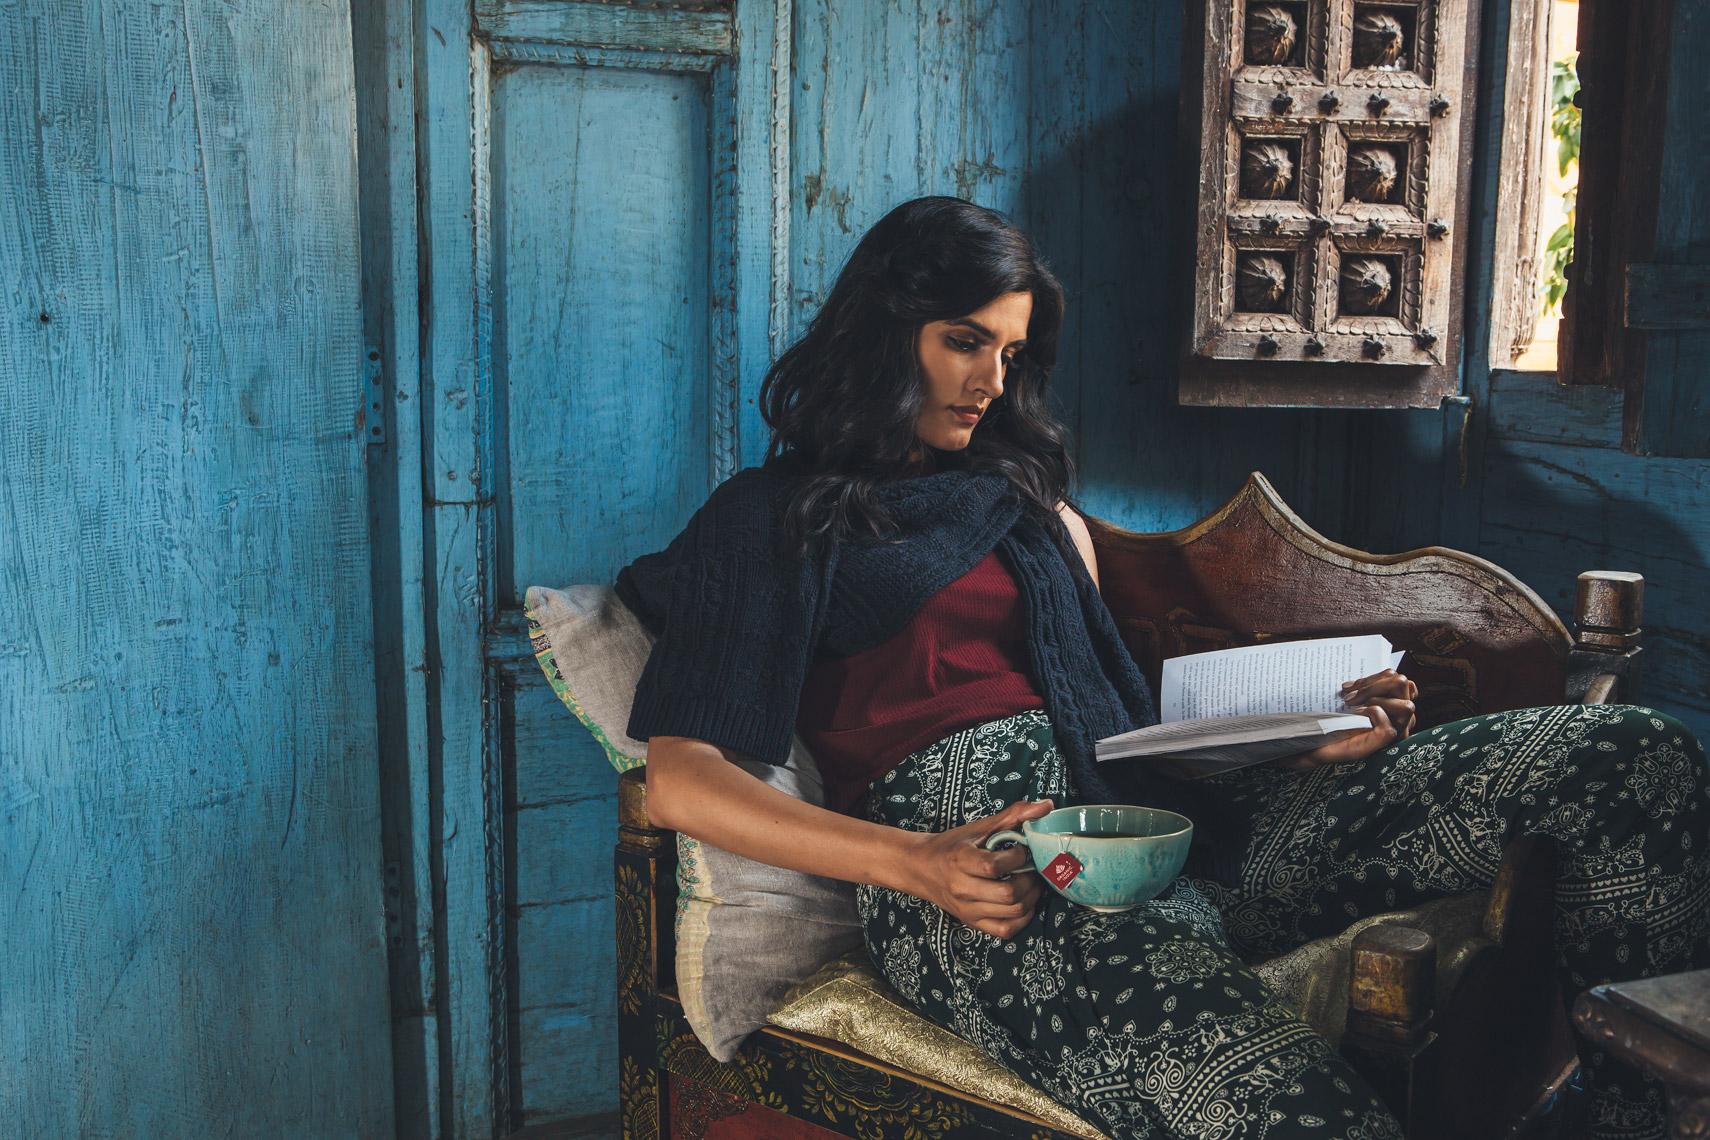 Deepi Ahluwalia